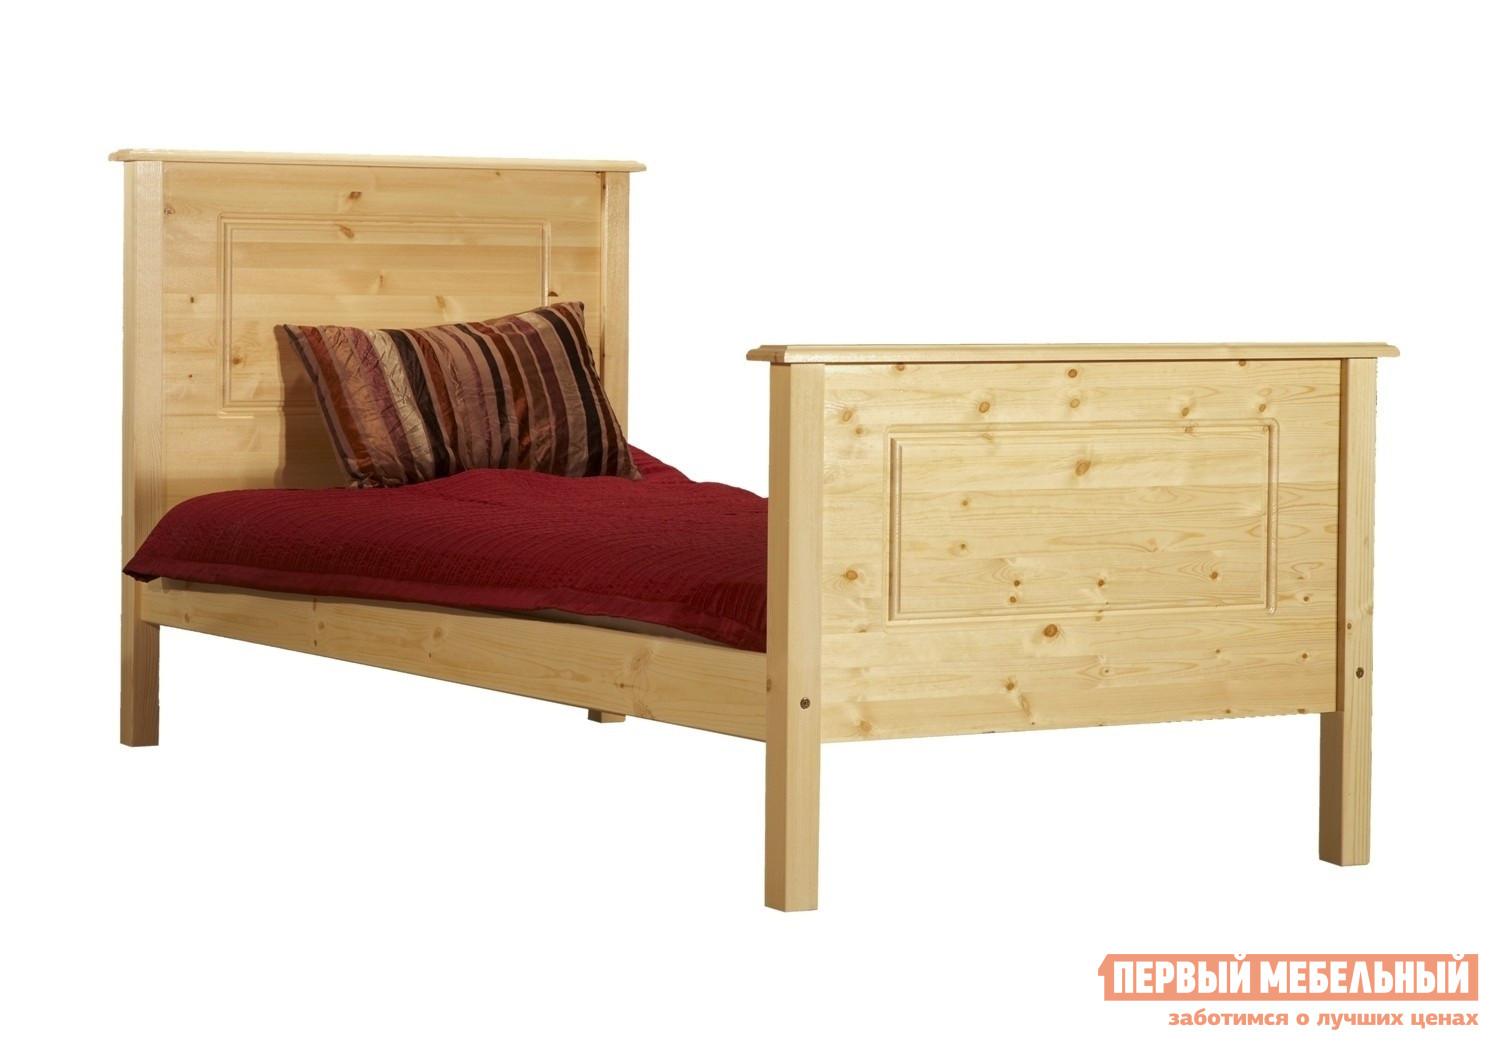 купить Двуспальная кровать деревянная Timberica Тора (T2) по цене 12140 рублей